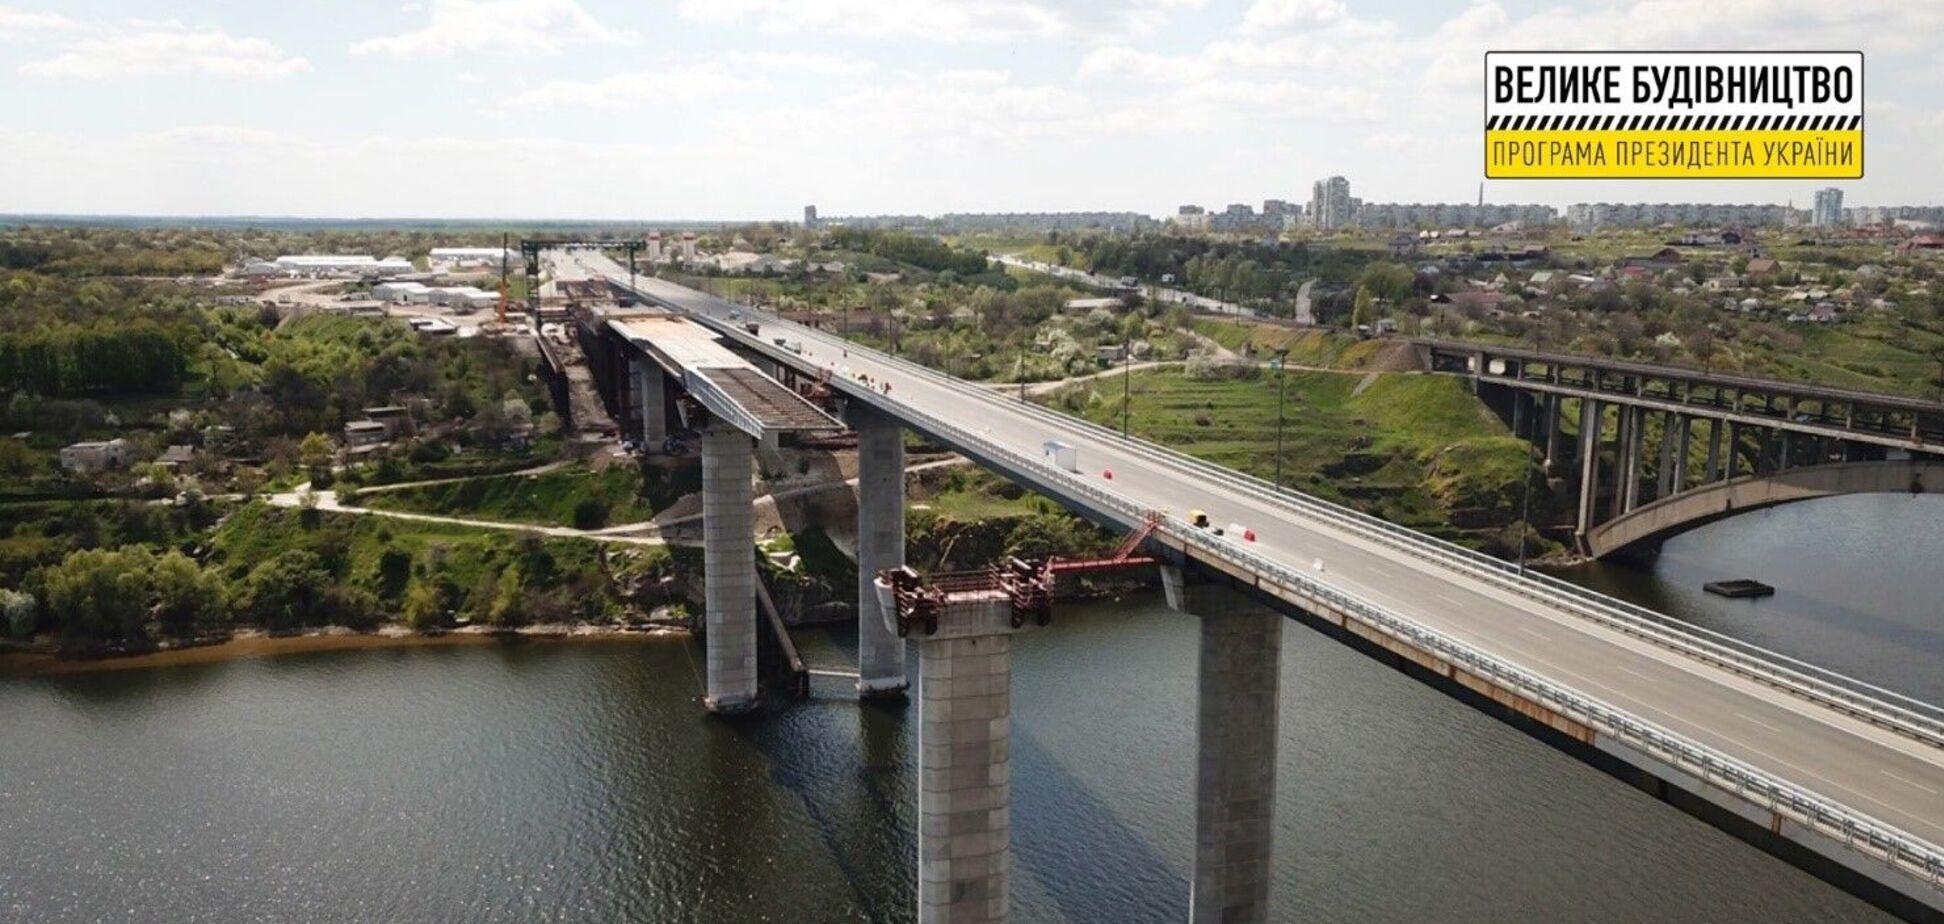 Роботи з будівництва балковогоі вантового мостів у Запоріжжі йдуть з випередженням графіка.